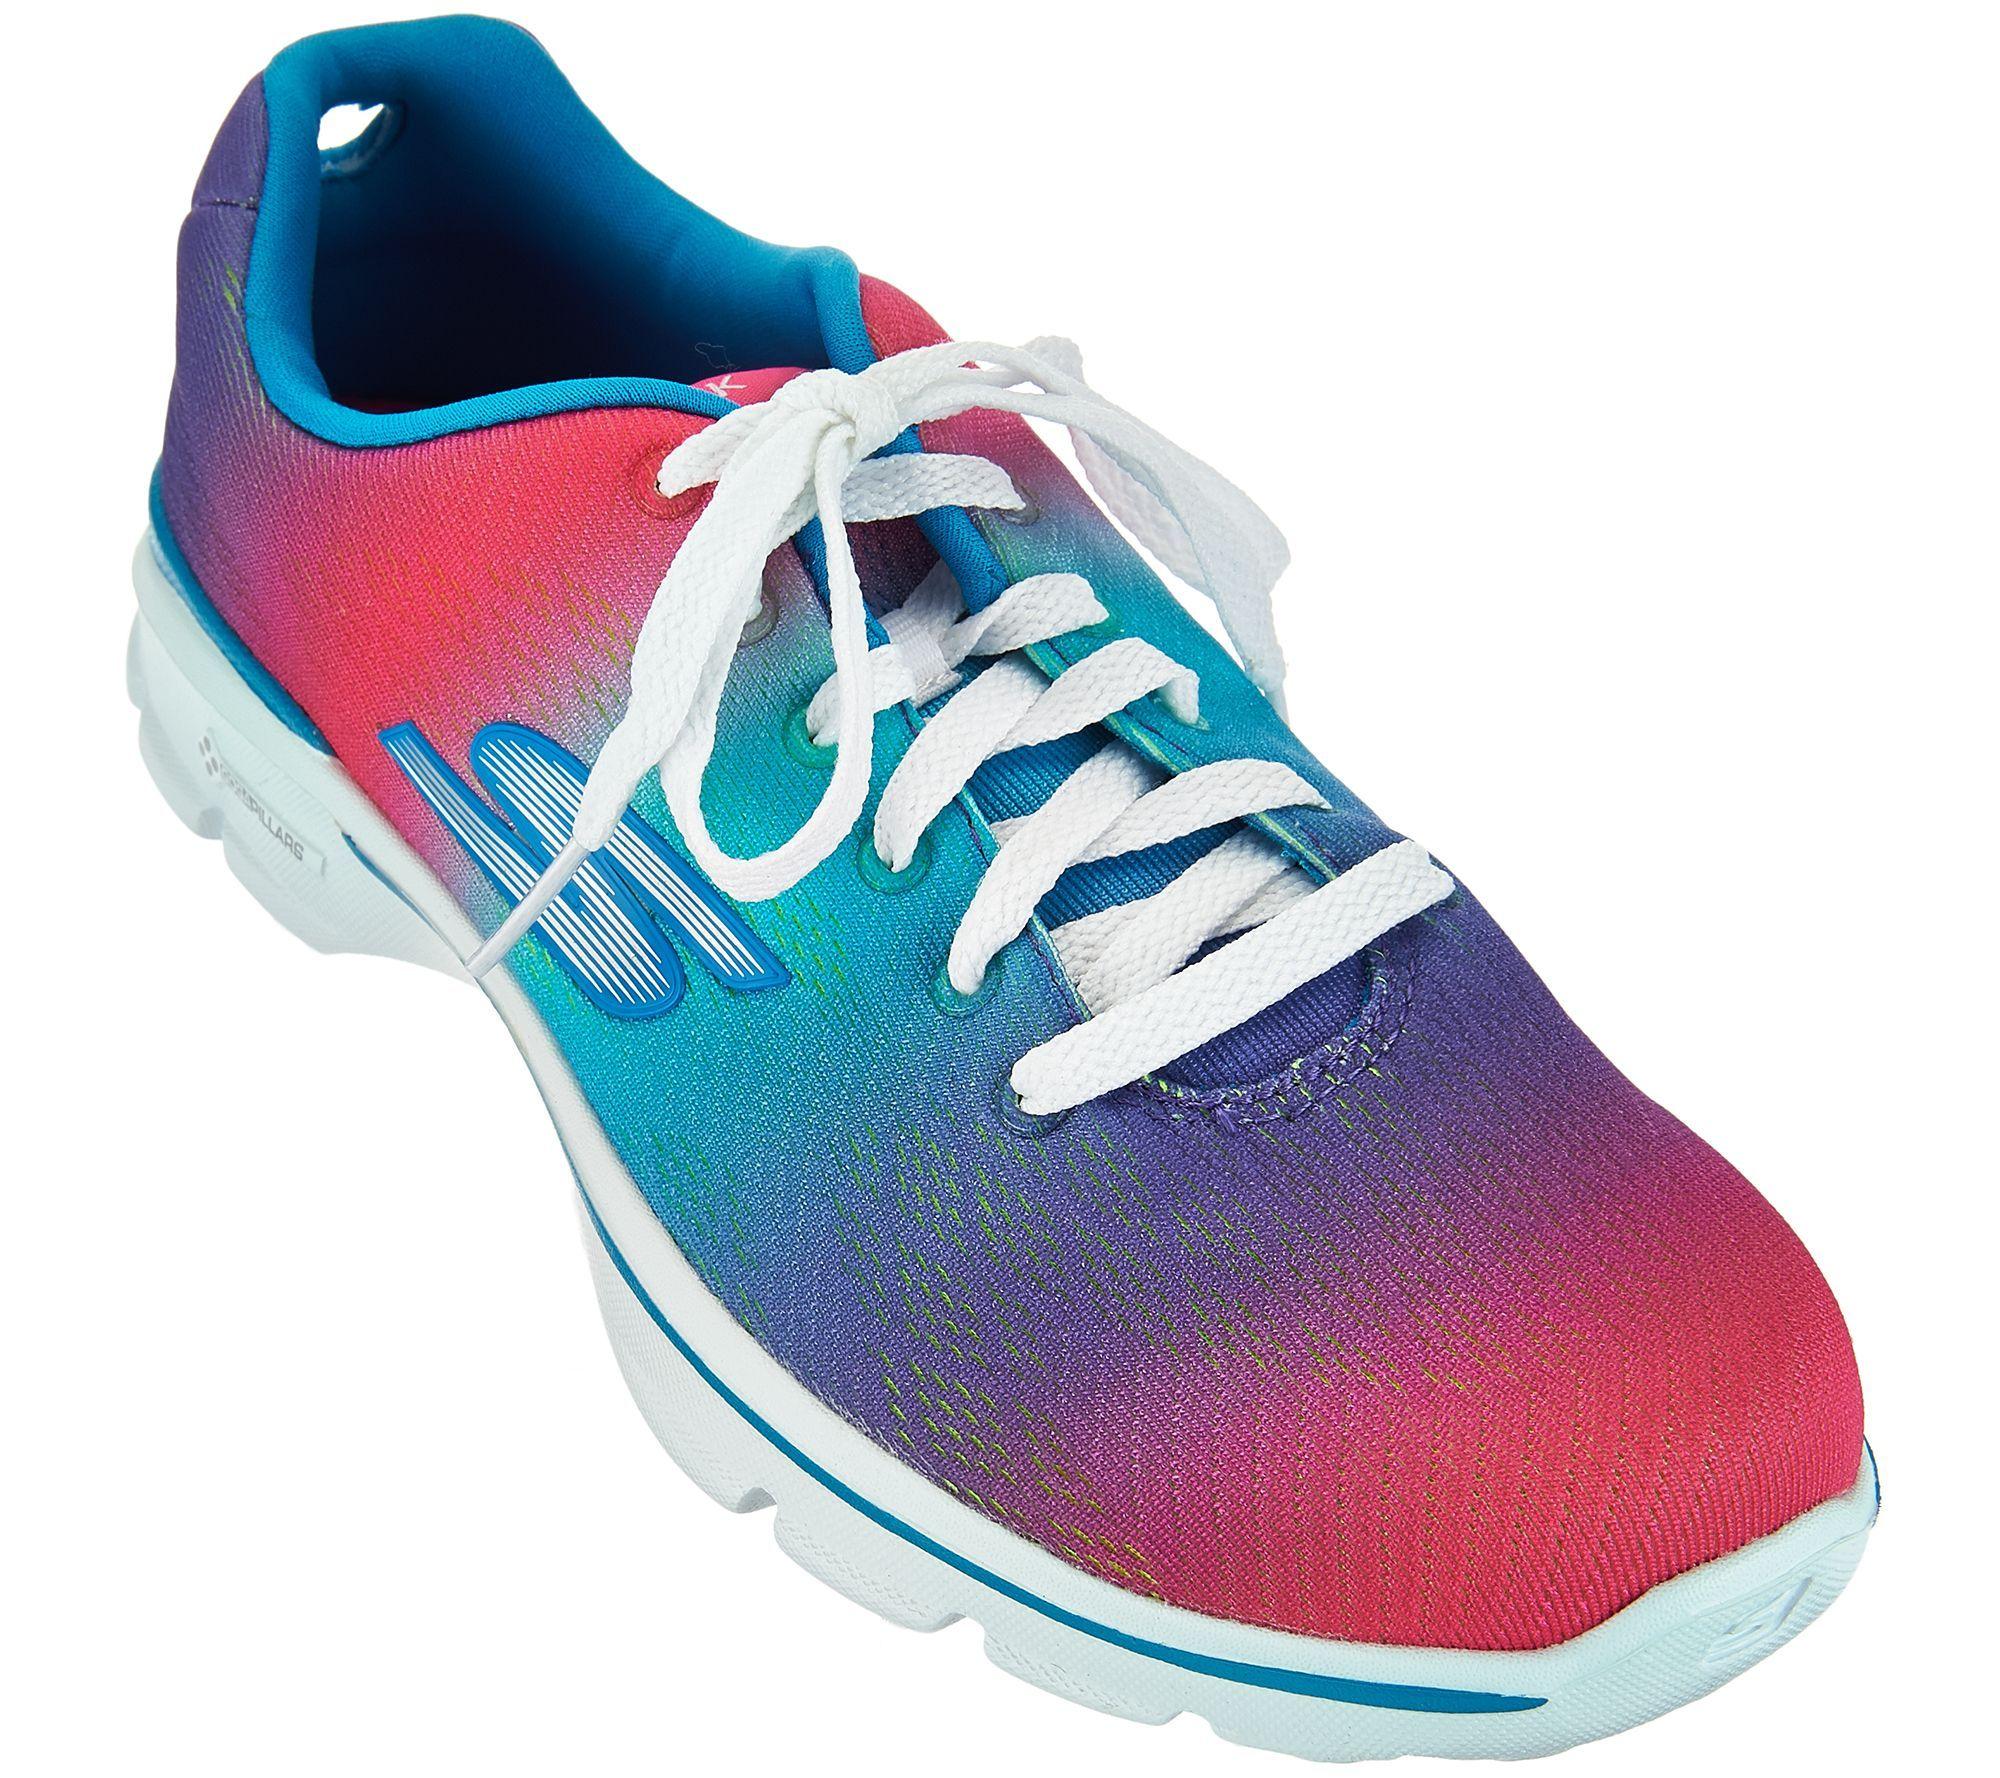 qvc skechers ladies shoes